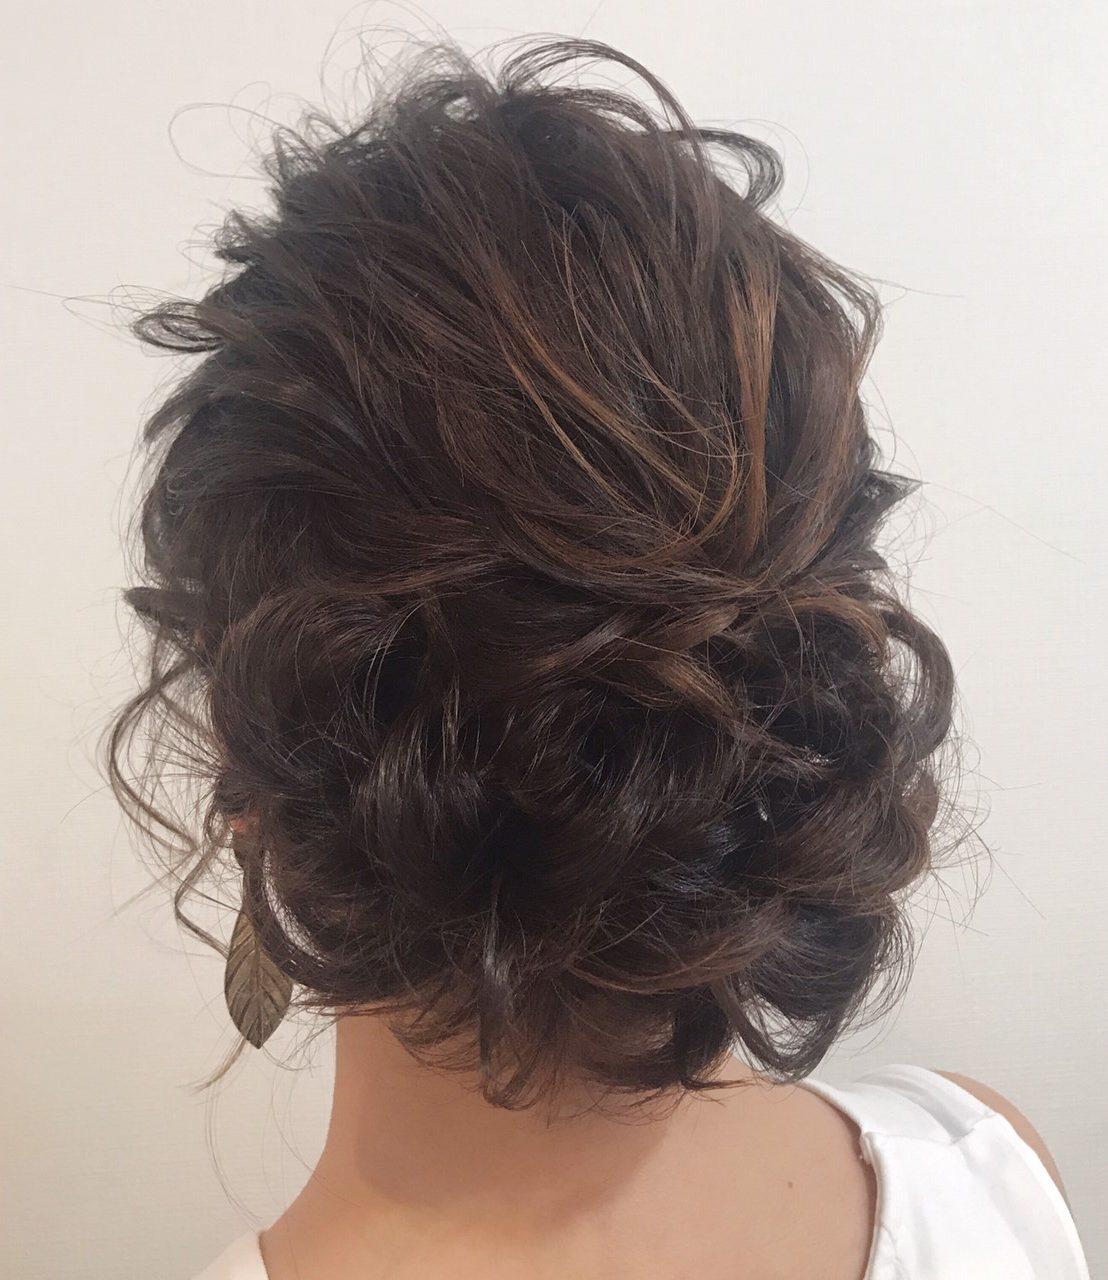 セット美容室,ootd,hairstyle,hairstyles,hairstylist,hairset